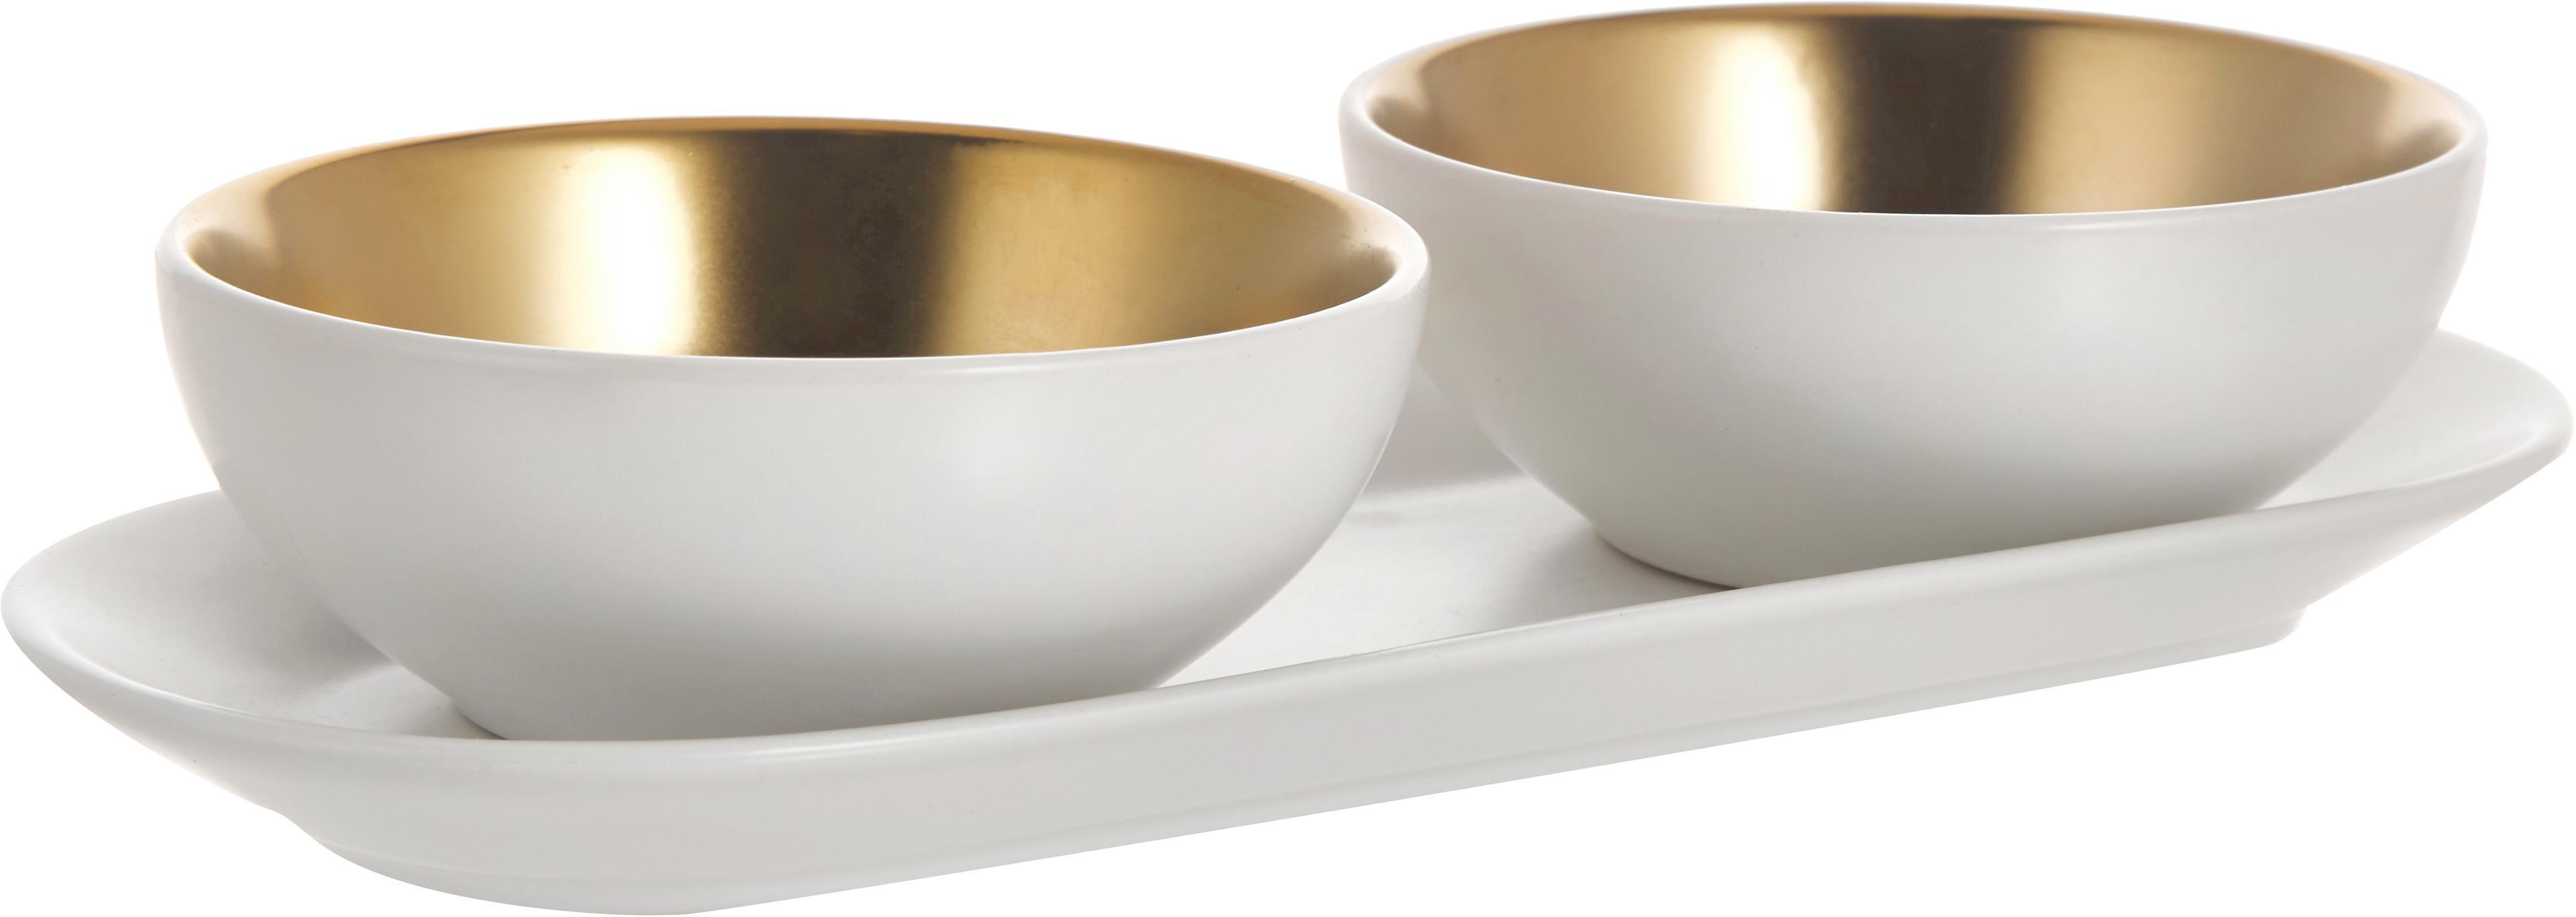 Serveerset Glitz in wit/goudkleur, 3-delig, Keramiek, Wit, goudkleurig, Ø 10 x H 4 cm